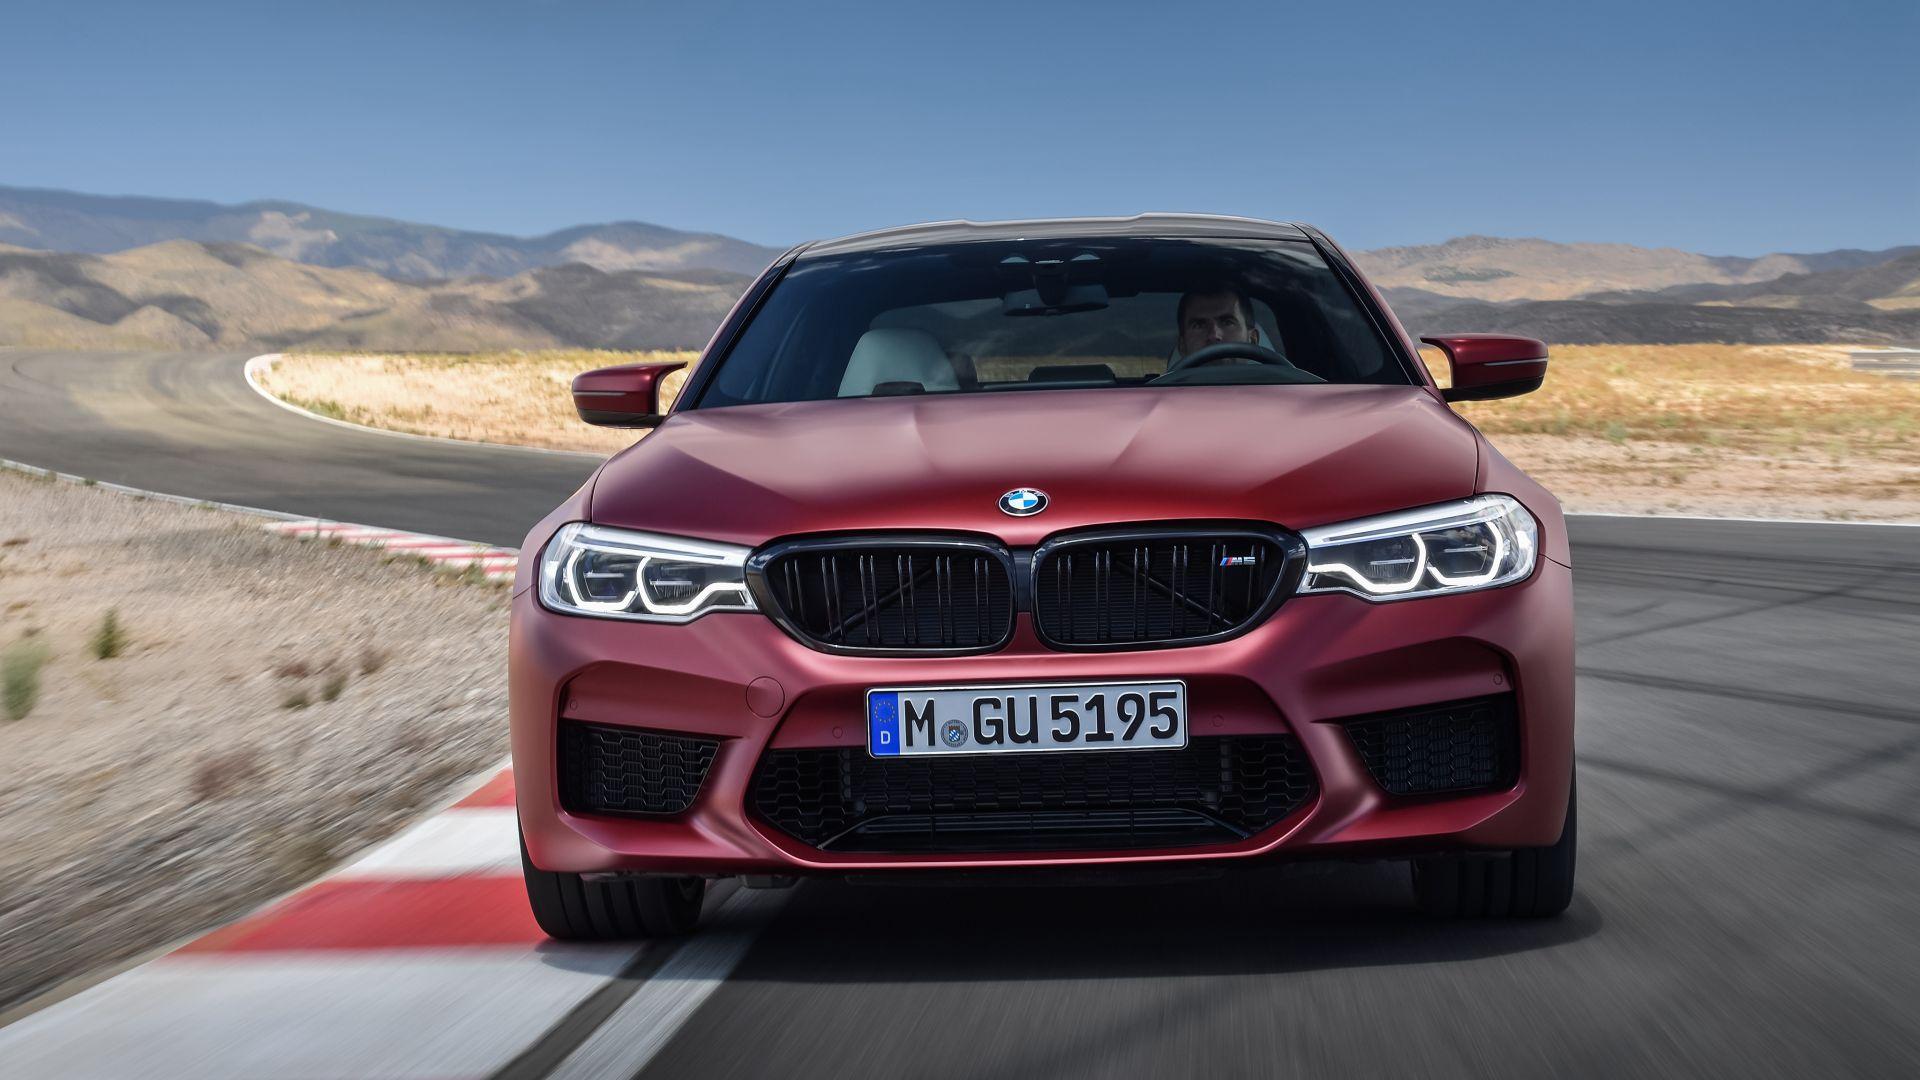 Tags: BMW M5 F90, Cars 2018, 4kWallpaper BMW M5 F90, Cars 2018, 4k, Cars & Bikes #15407 - 웹